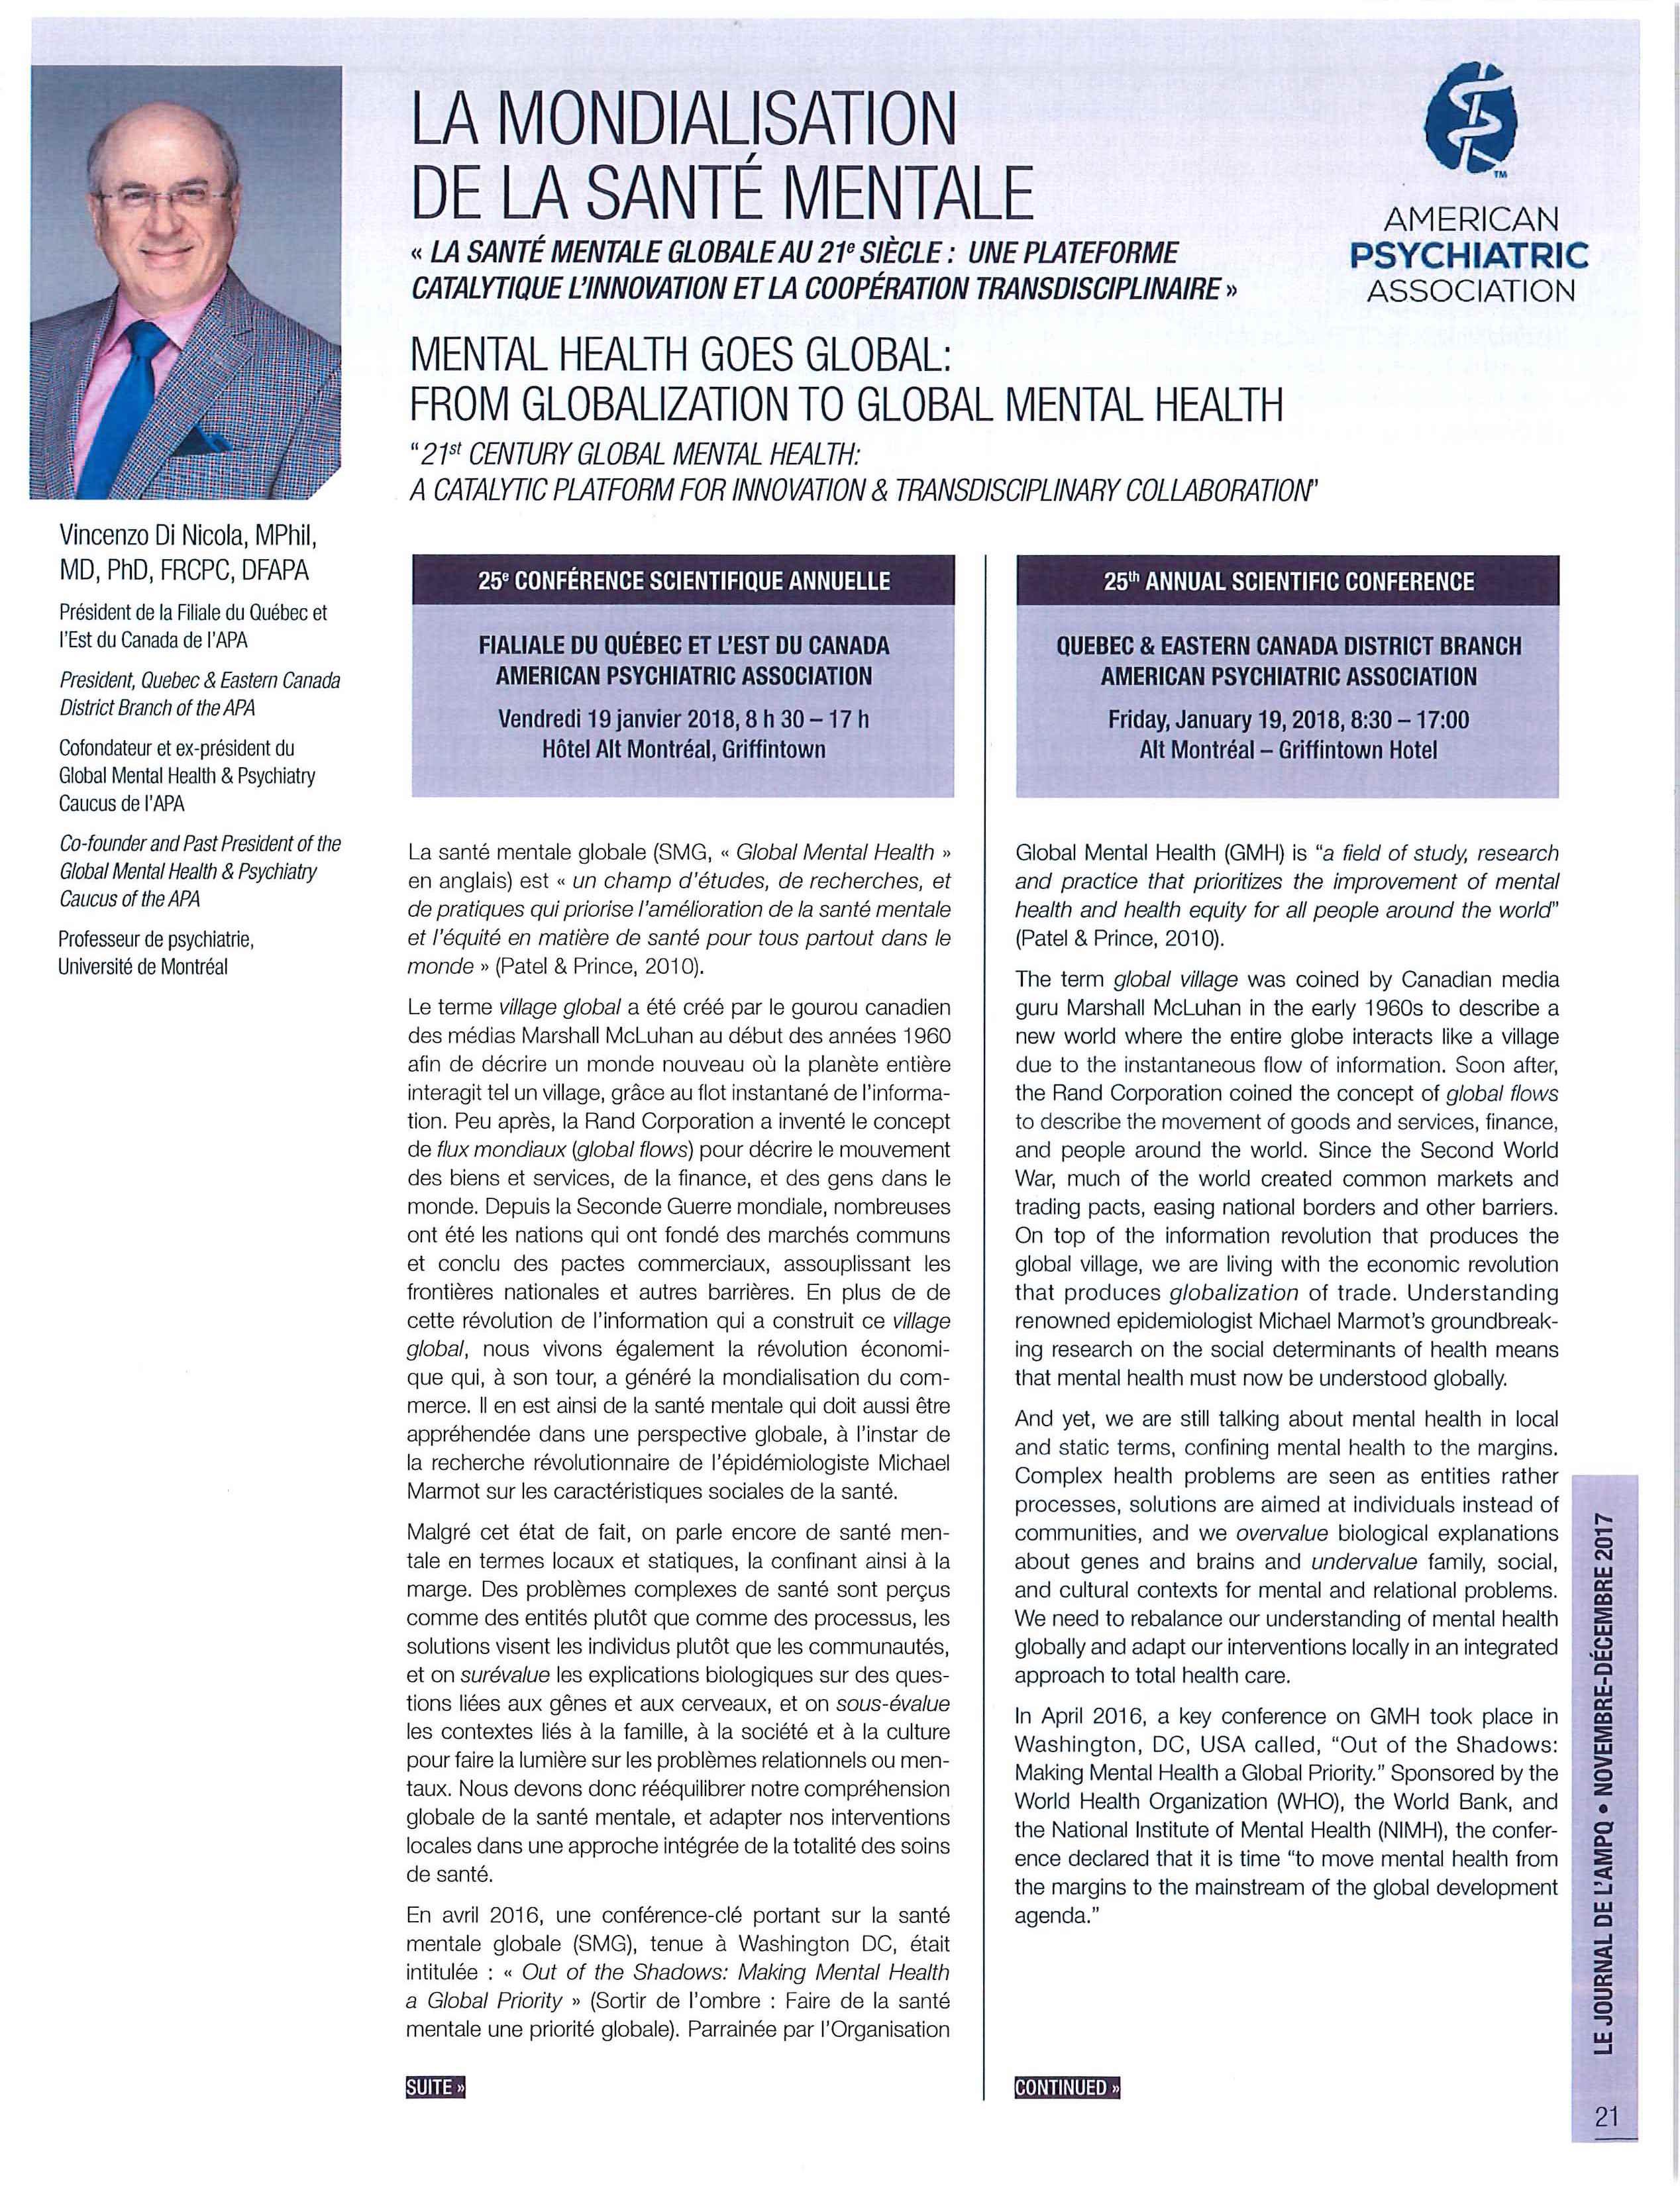 La mondialisation de la santé mentale - Le Journal de l'AMPQ - nov-déc 2017